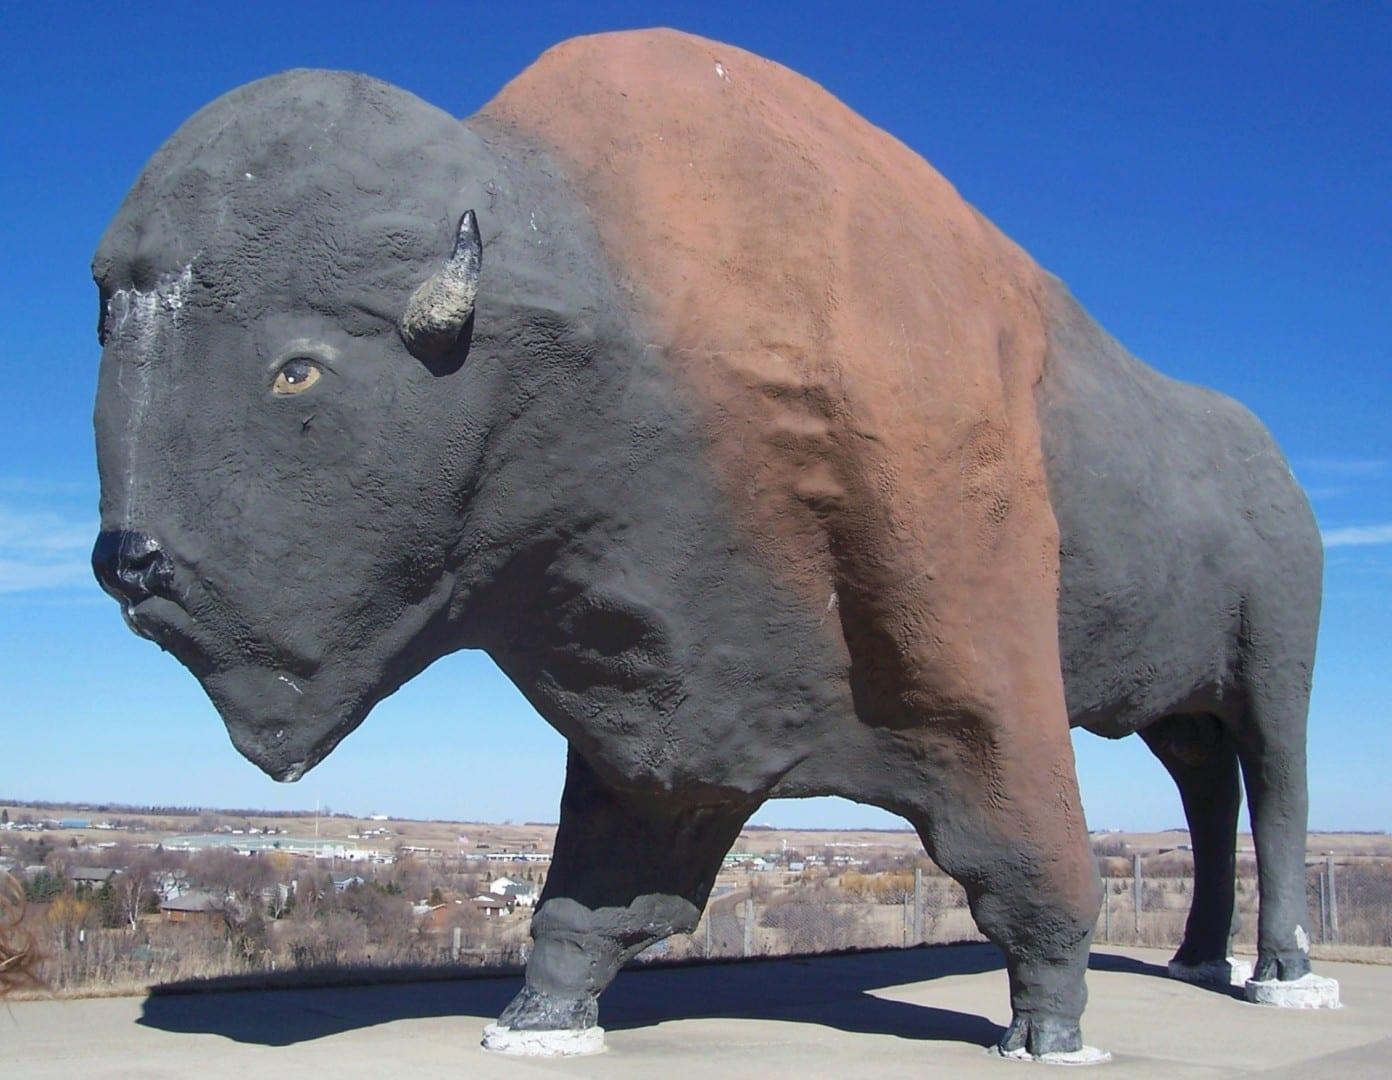 La estatua de búfalo más grande del mundo en Jamestown Jamestown ND Estados Unidos